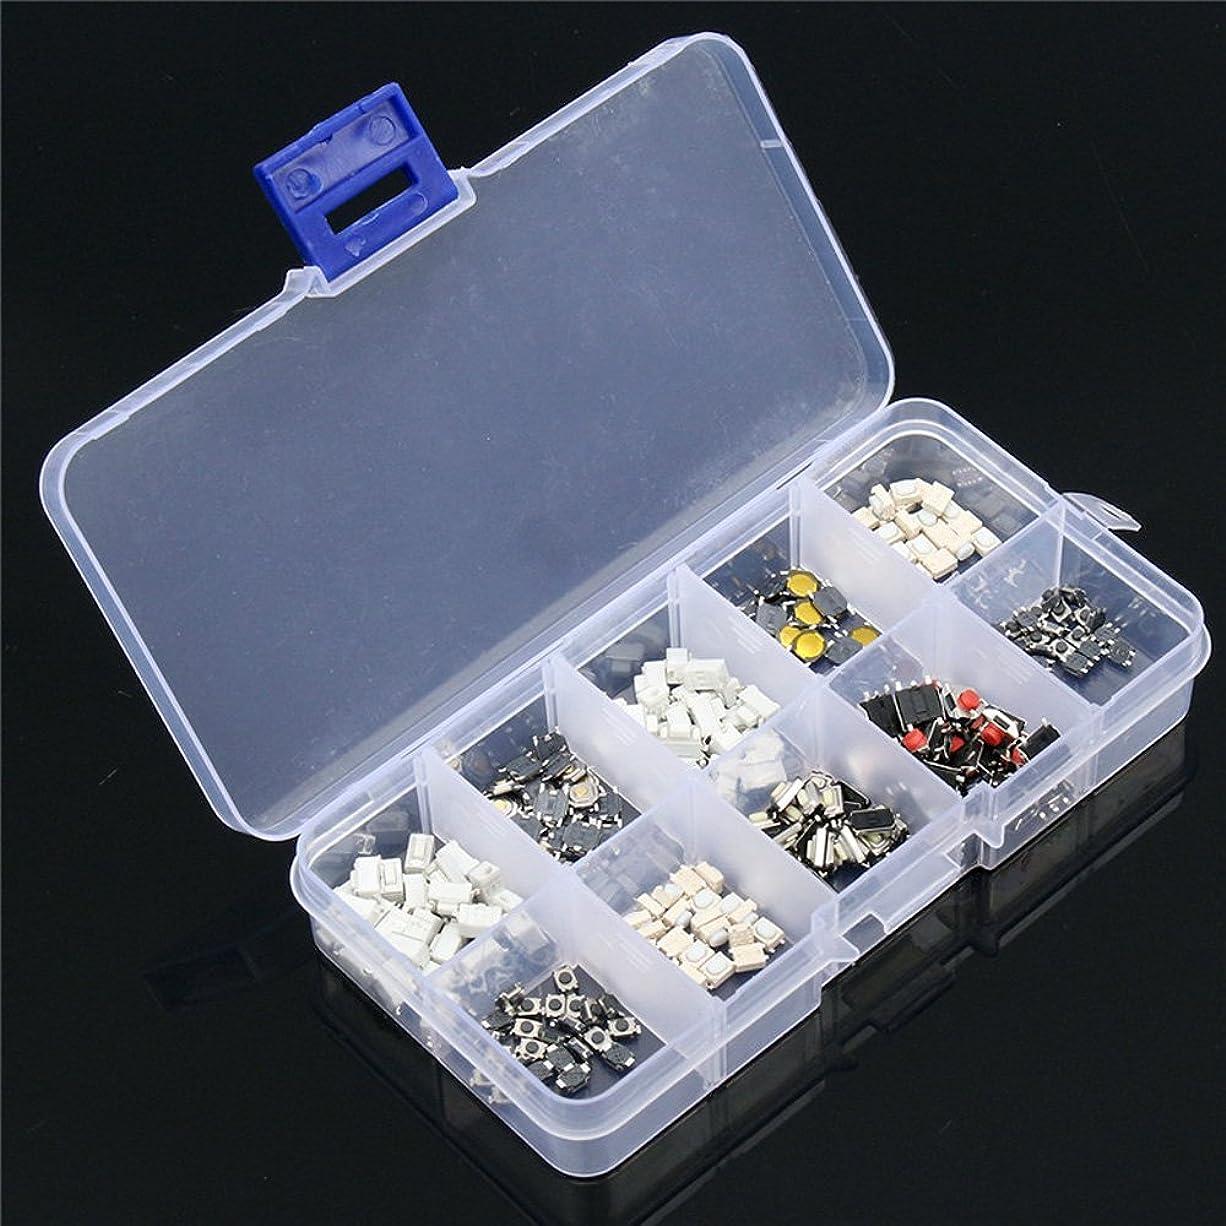 補うアサート賠償zmart マイクロスイッチ 250個 10種類 プッシュ ボタン SMD